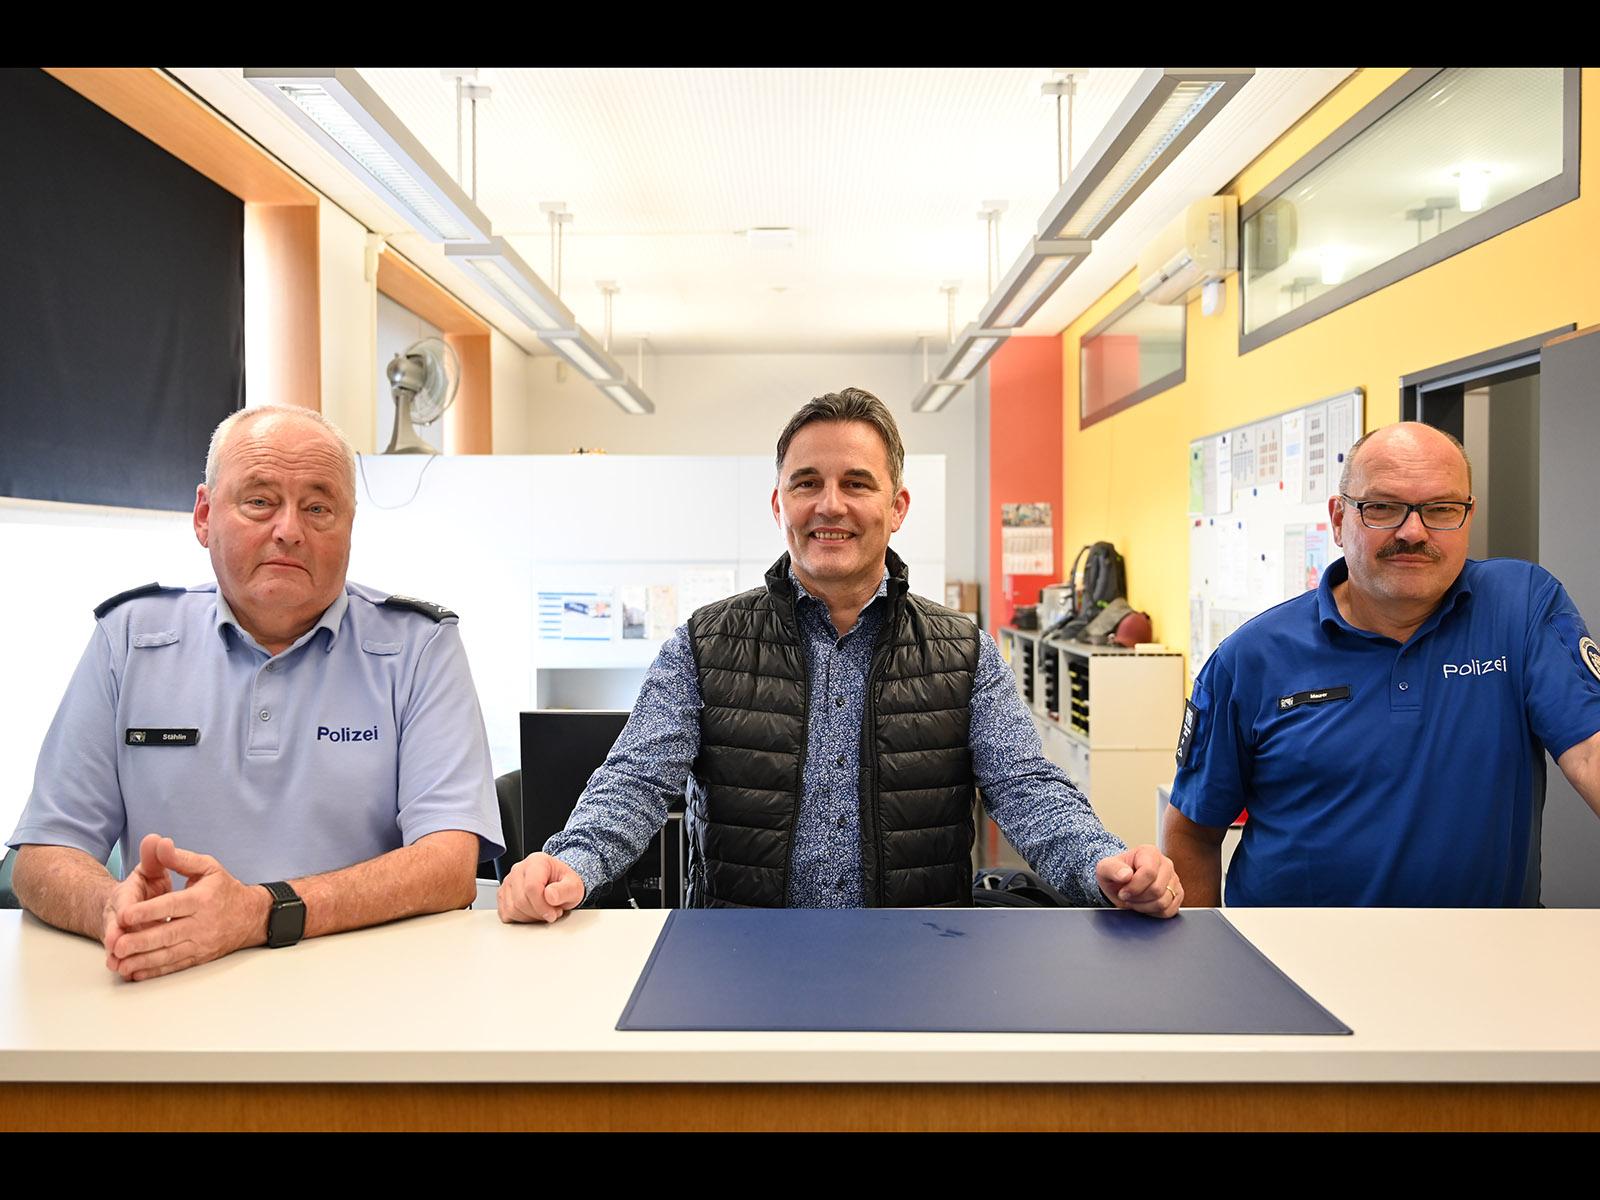 Kreischef 10 Roger Hunkeler mit zwei seiner Teammitglieder, den Revierpolizisten Stählin (links) und Maurer.